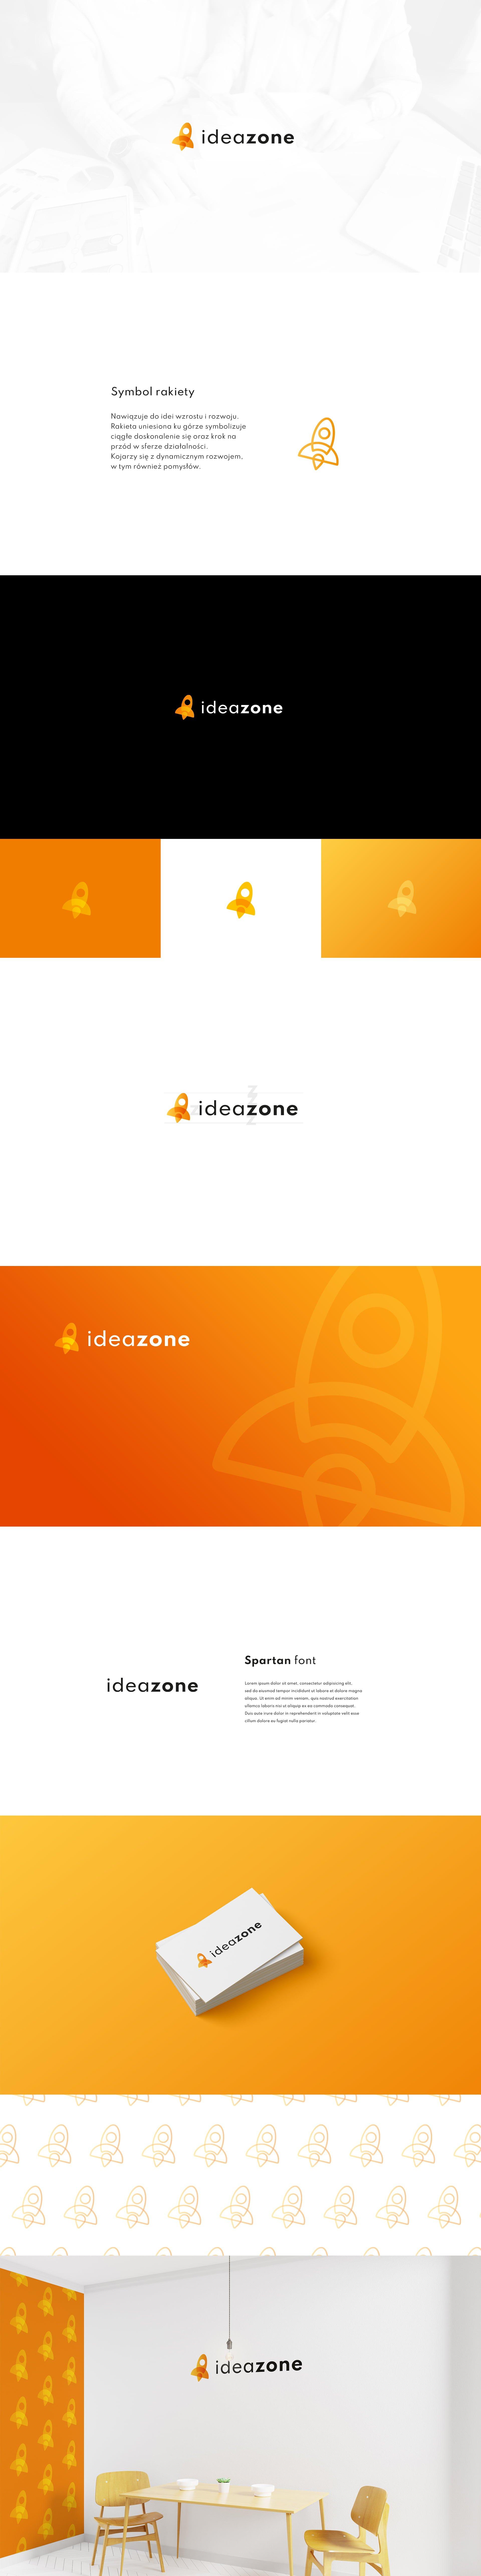 Wykorzystanie logo marki Ideazone pokazane nawizytówce, naścianie biura.